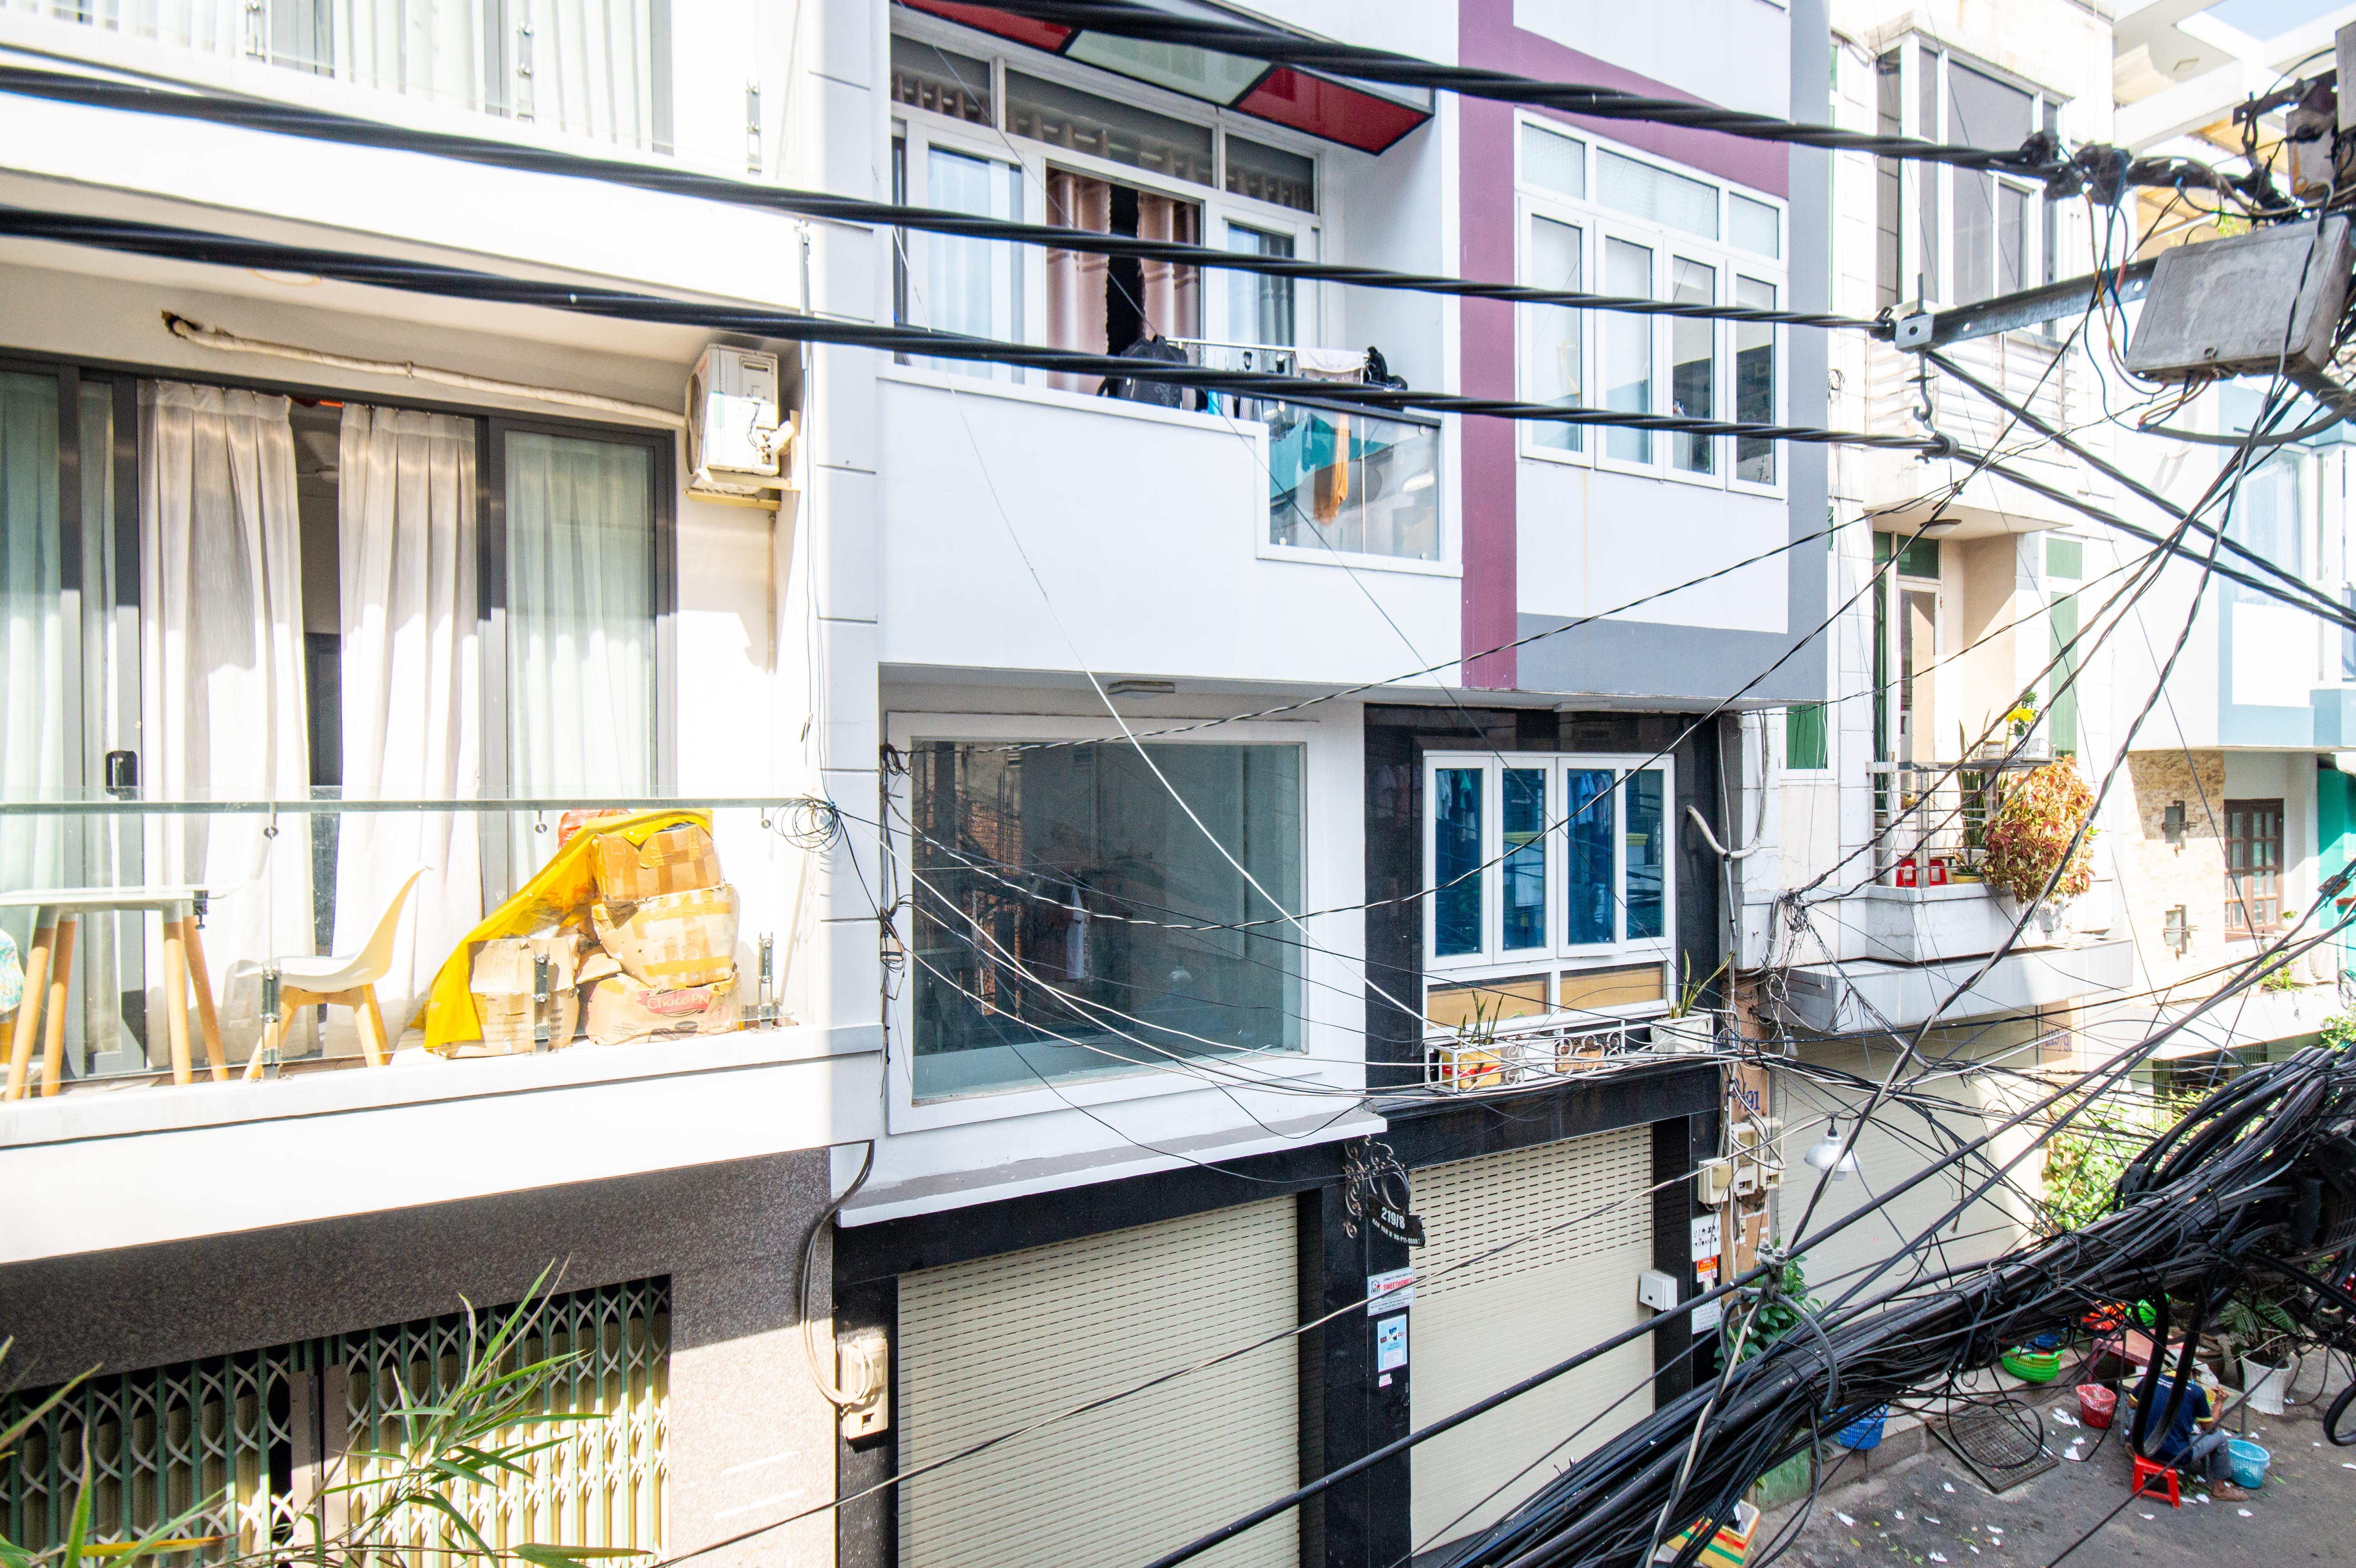 Cho Thuê Căn hộ 1 PN Trần Văn Đang Apartment - Ban Công Rộng Rãi -8